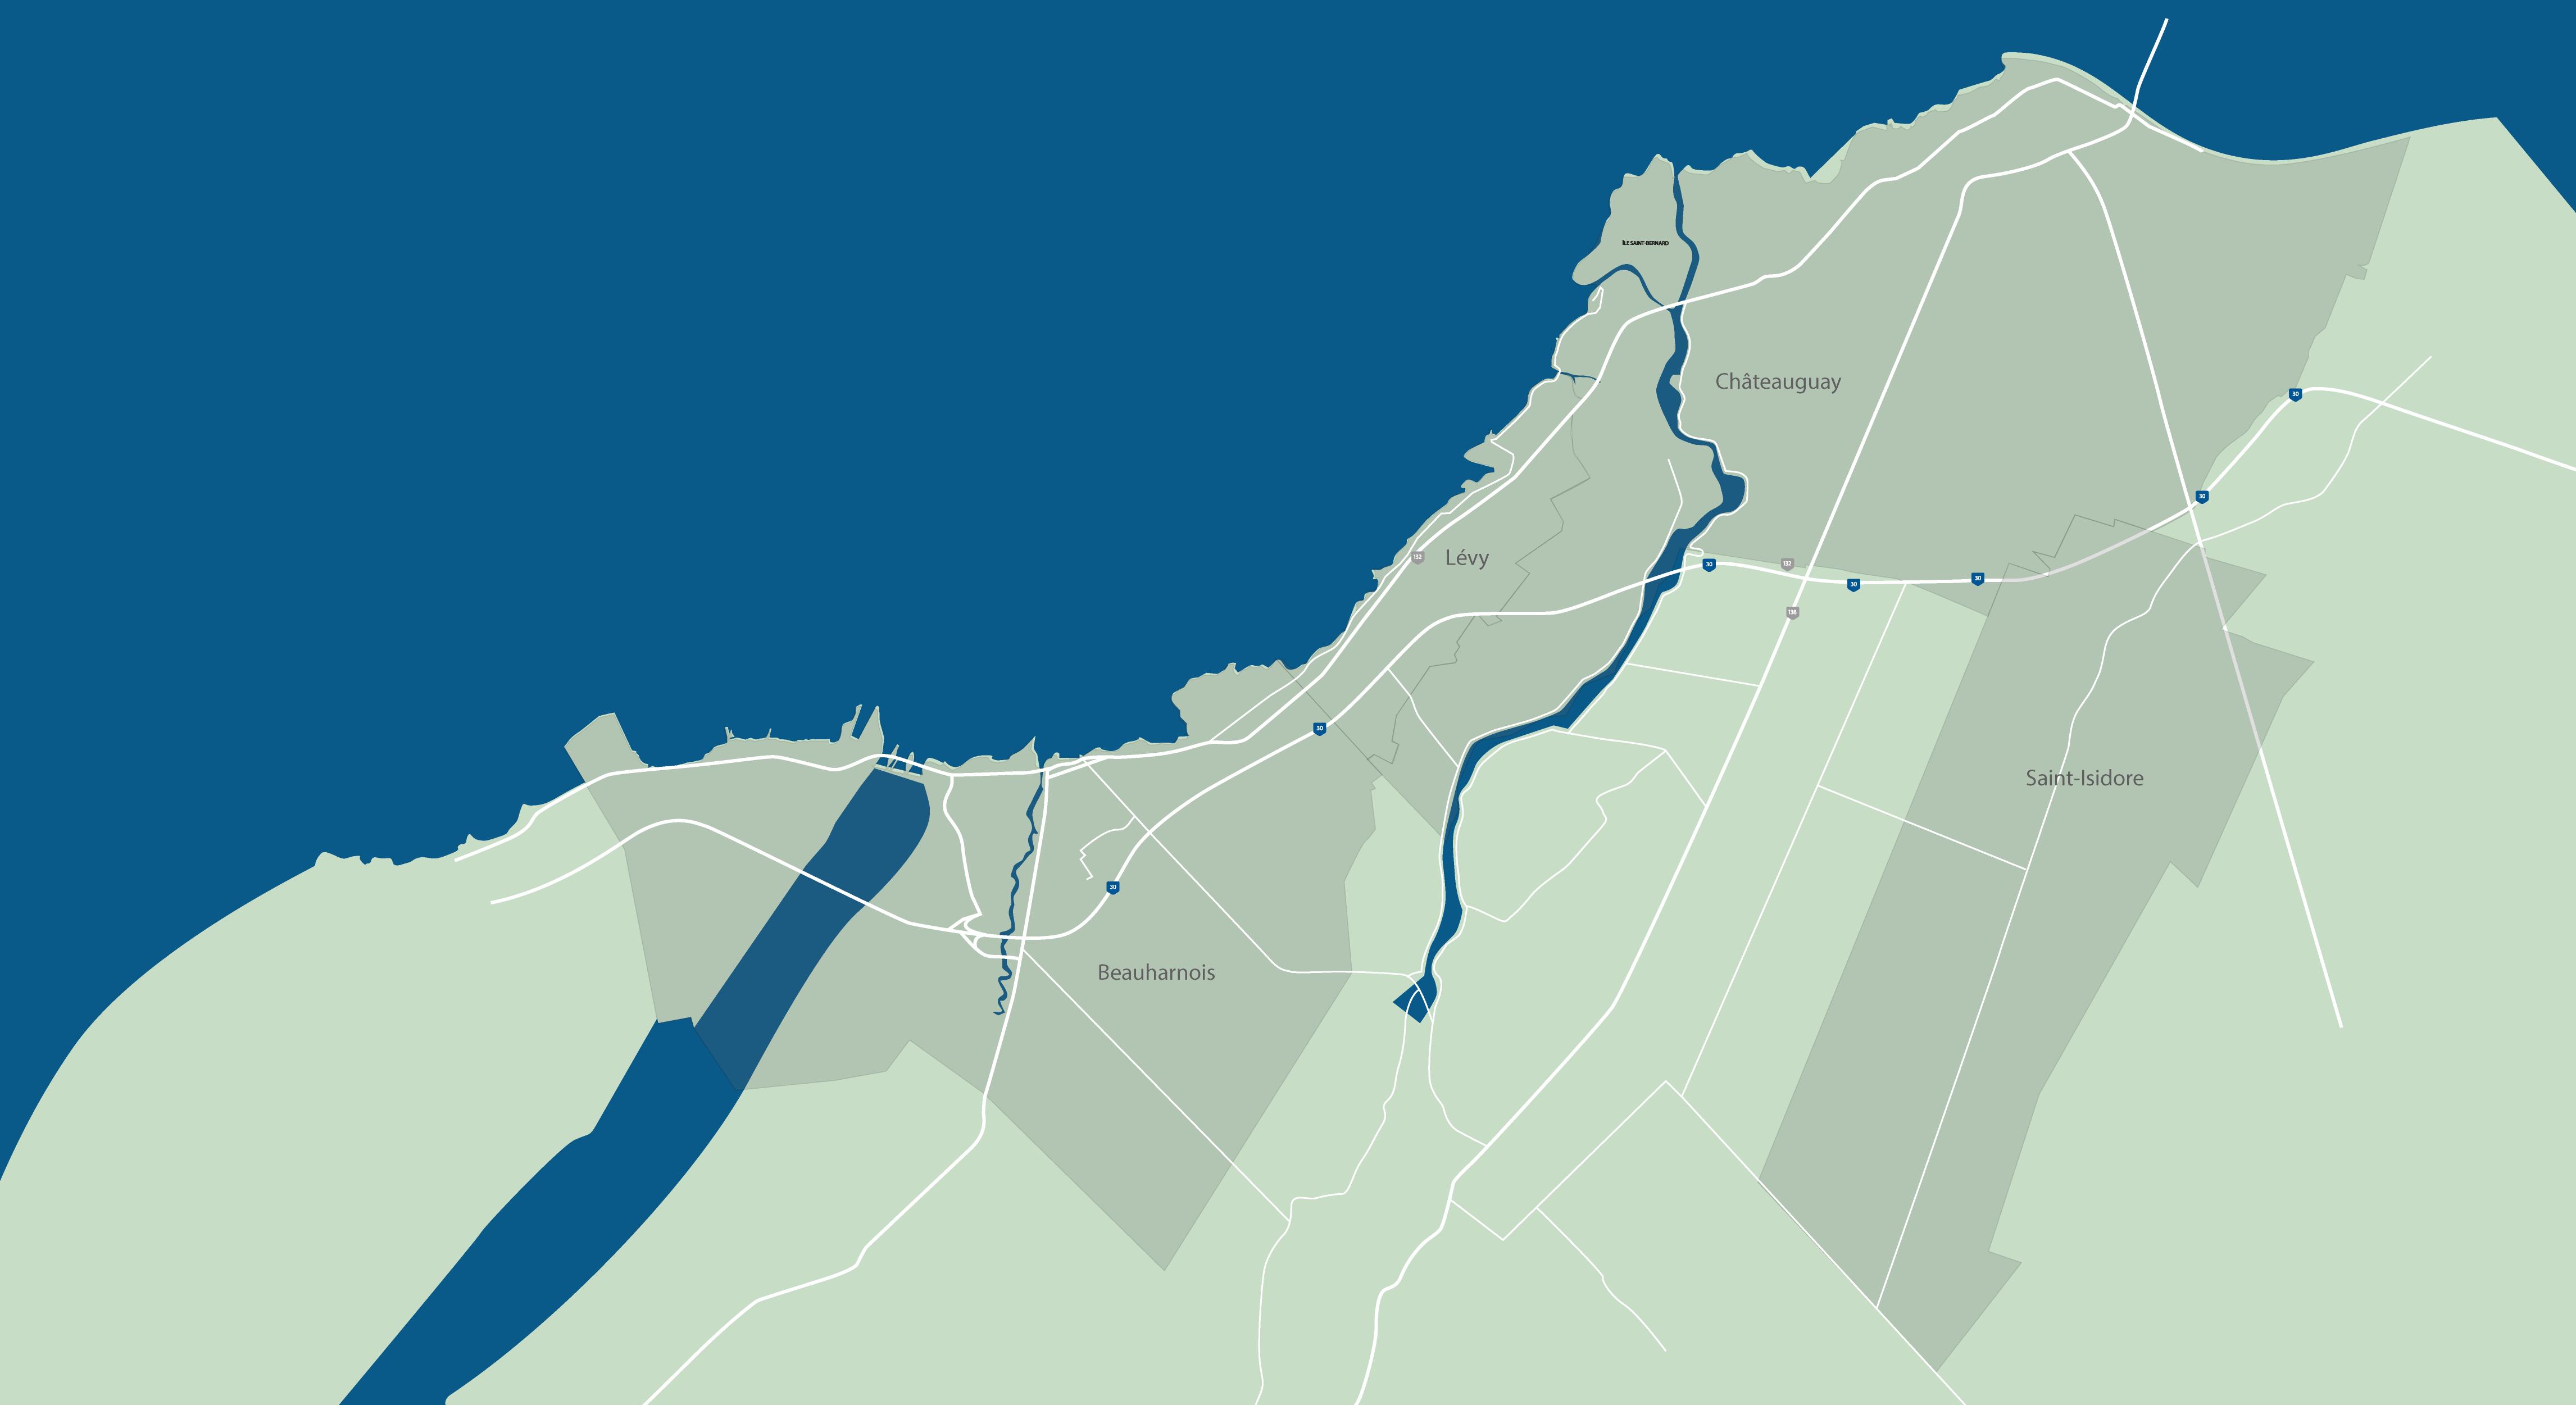 Carte du territoire desservi par le Service de police